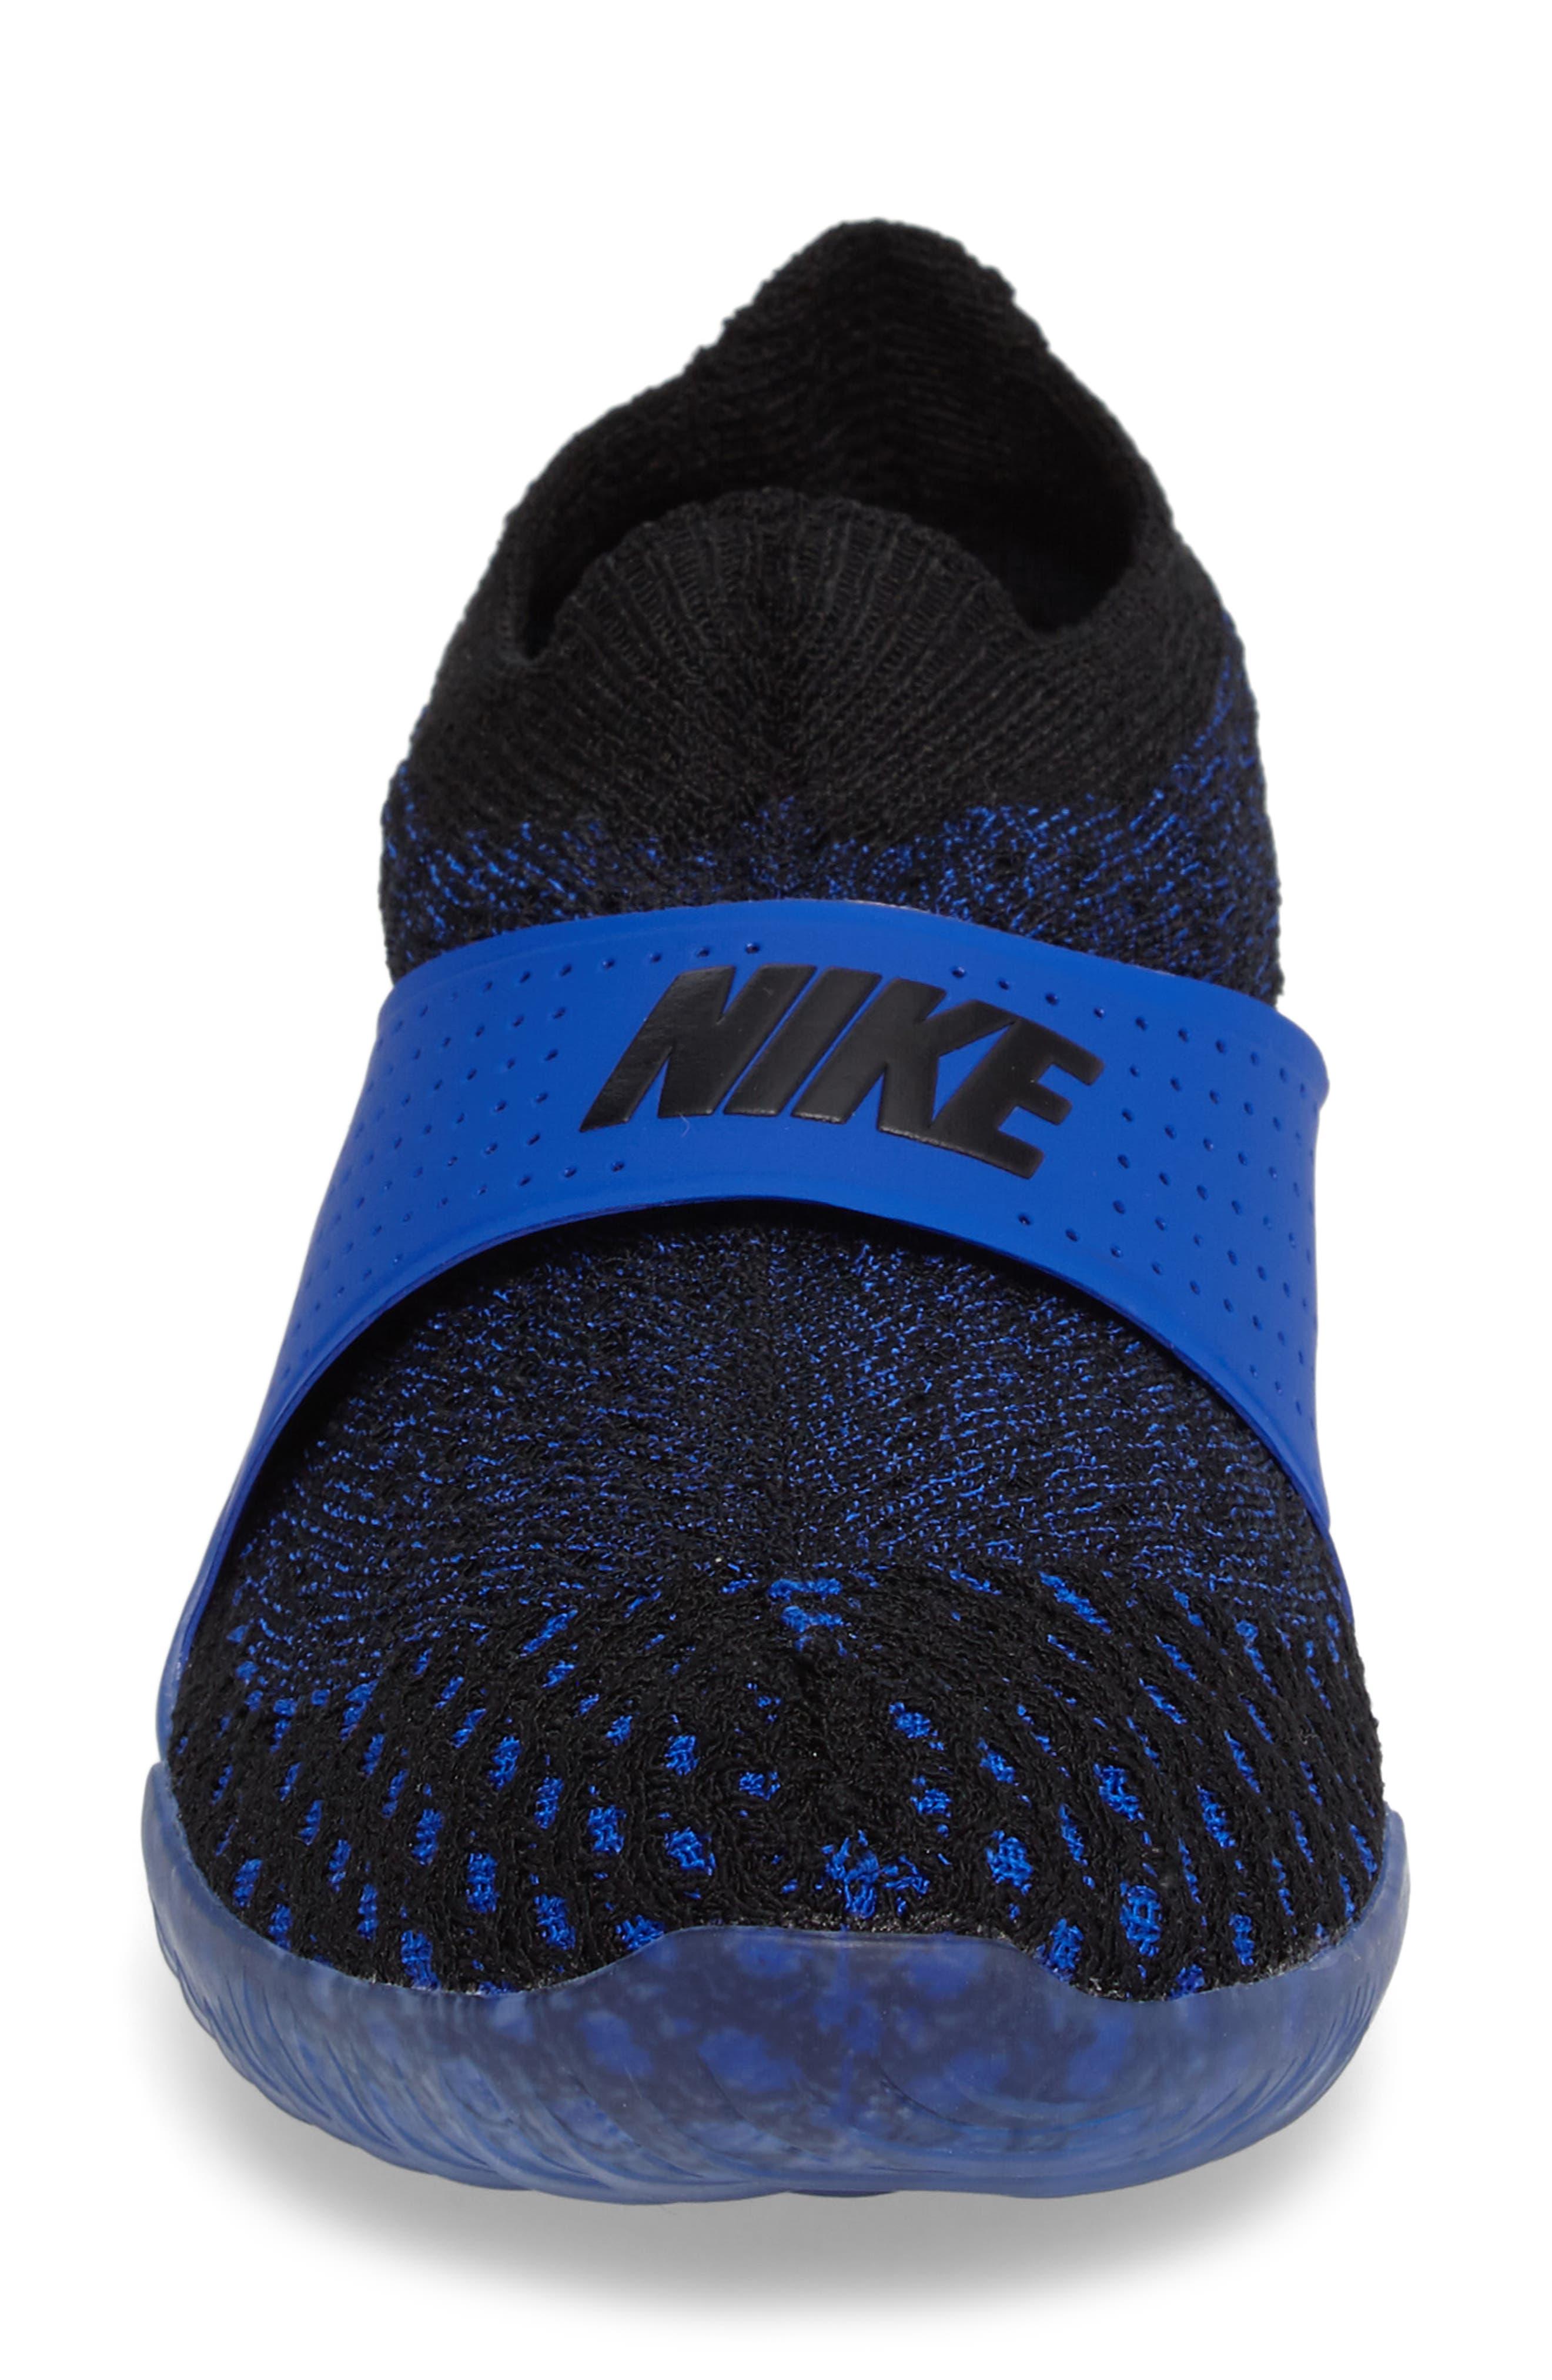 City Knife 3 Flyknit Sneaker,                             Alternate thumbnail 4, color,                             Racer Blue/ Black/ Black